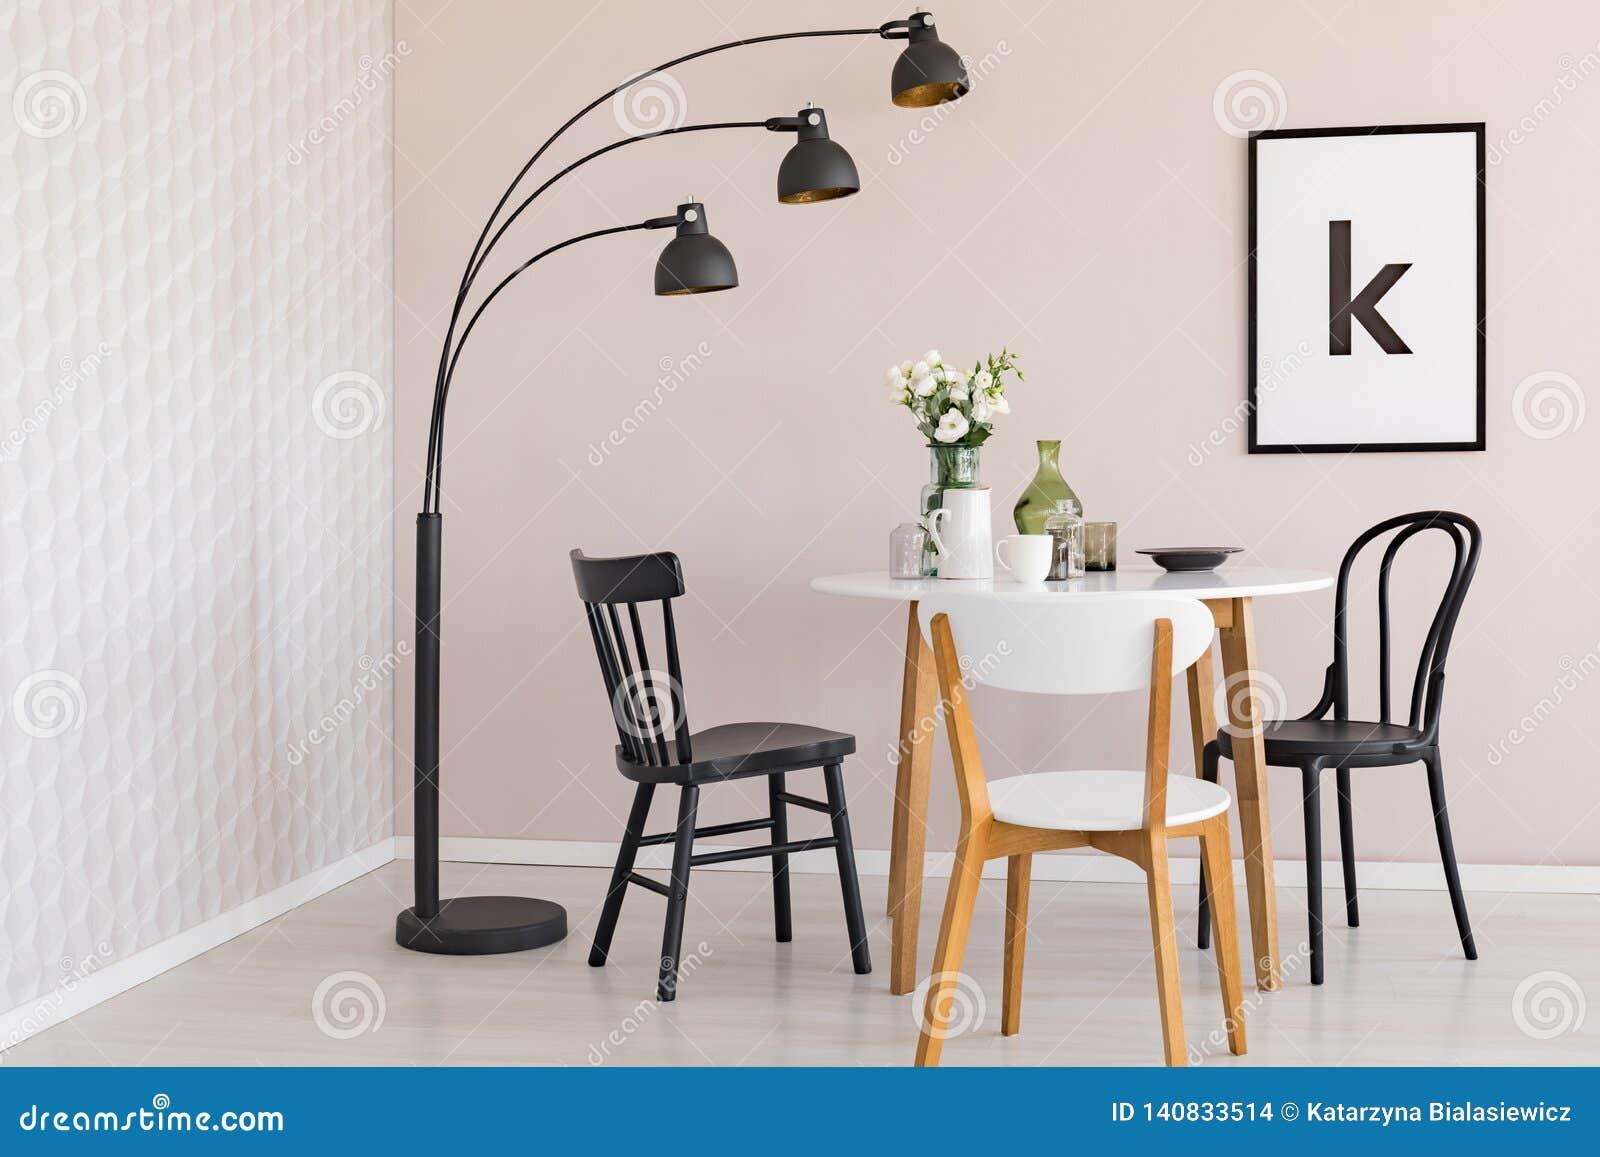 Lámpara negra sobre sillas y tabla de madera con las flores en el comedor interior con el cartel Foto verdadera